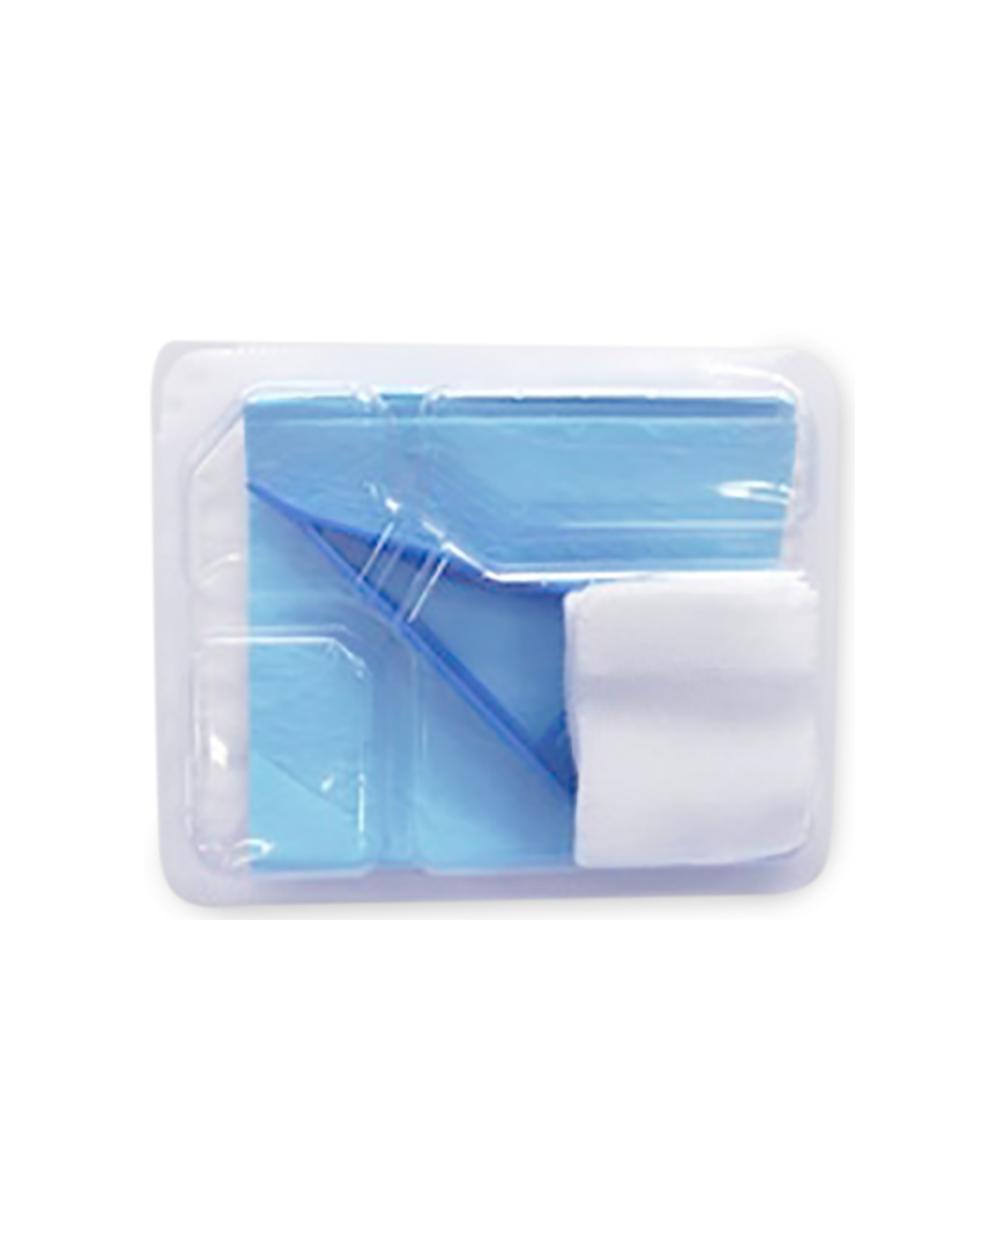 Set à Pansement N°3 Evocare compact - Carton 50 pcs